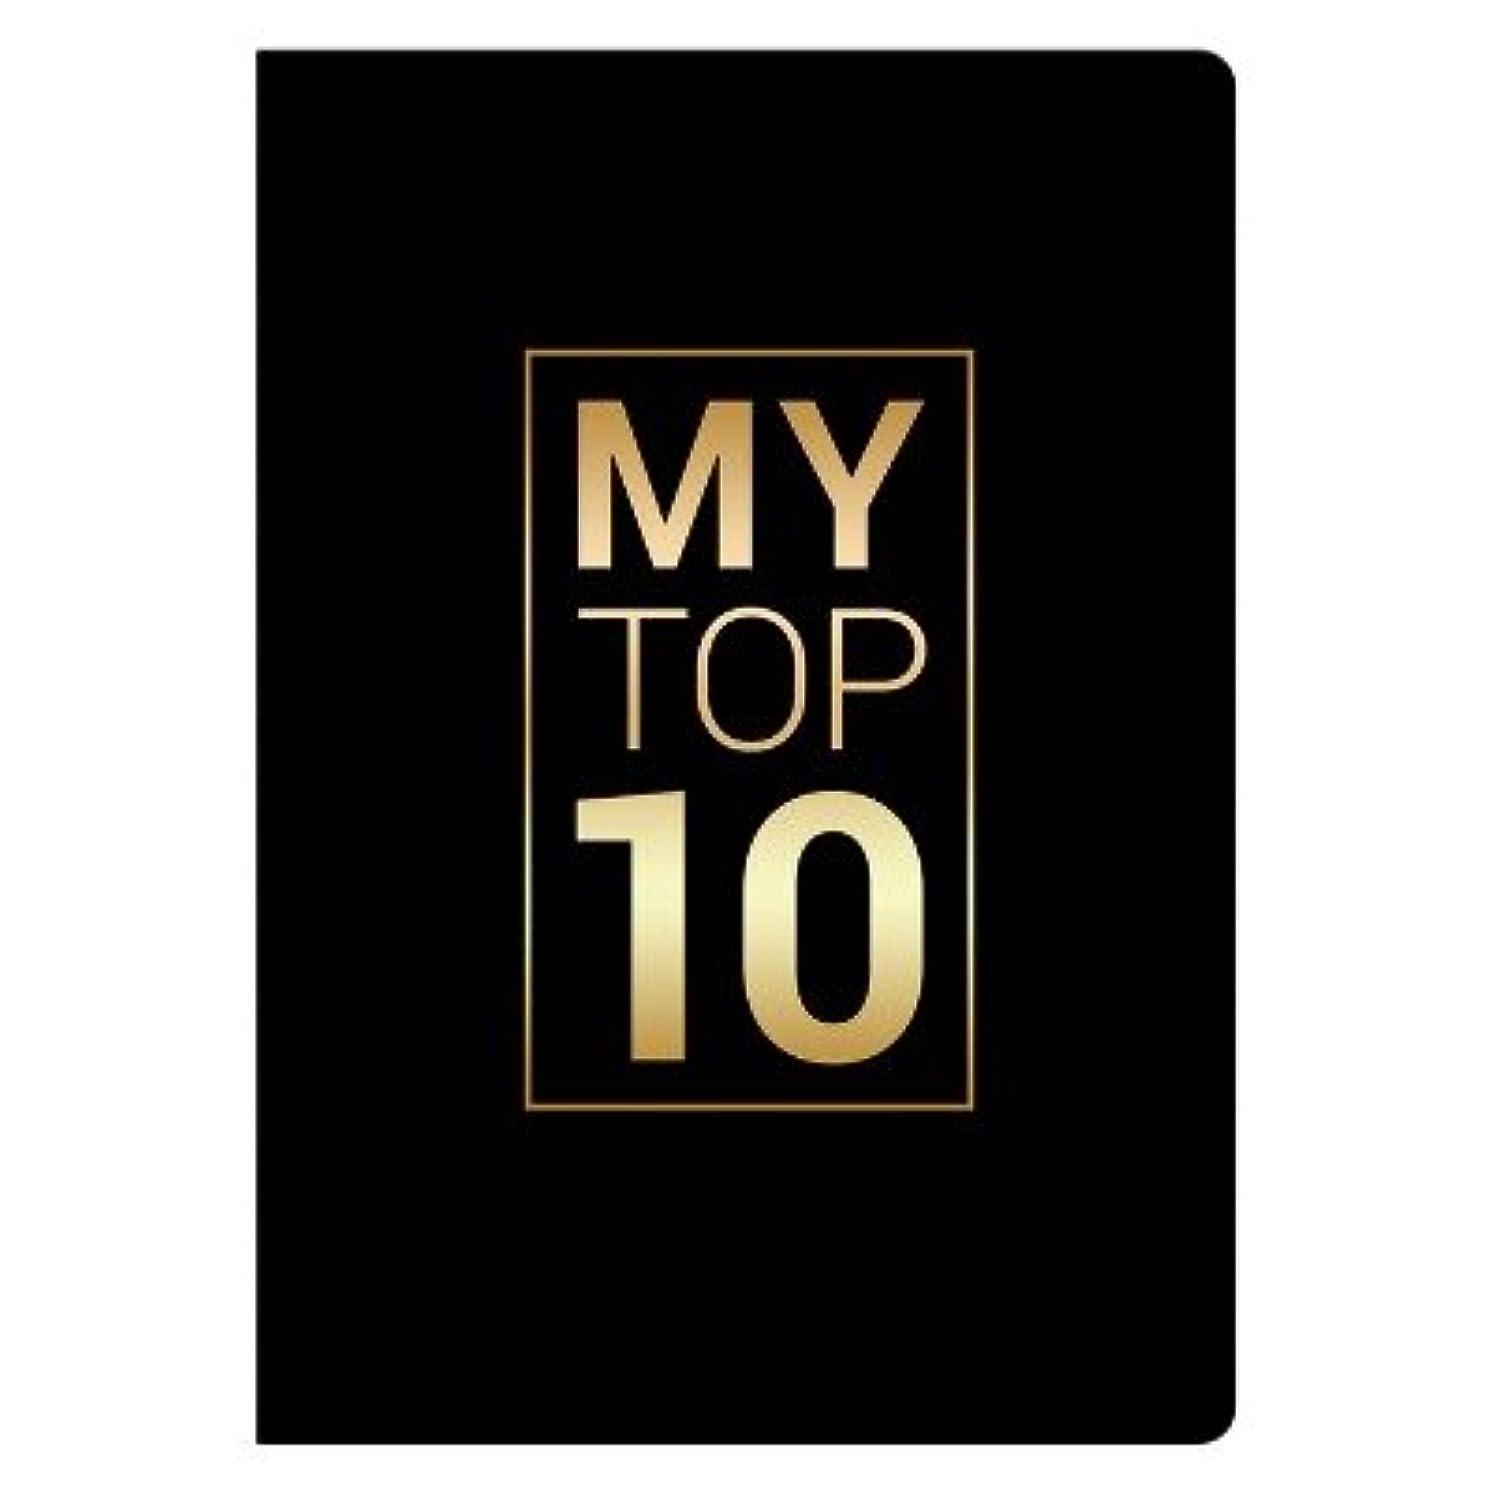 パトロン断片資本主義Piccadilly My Top 10アクティビティジャーナルブラック